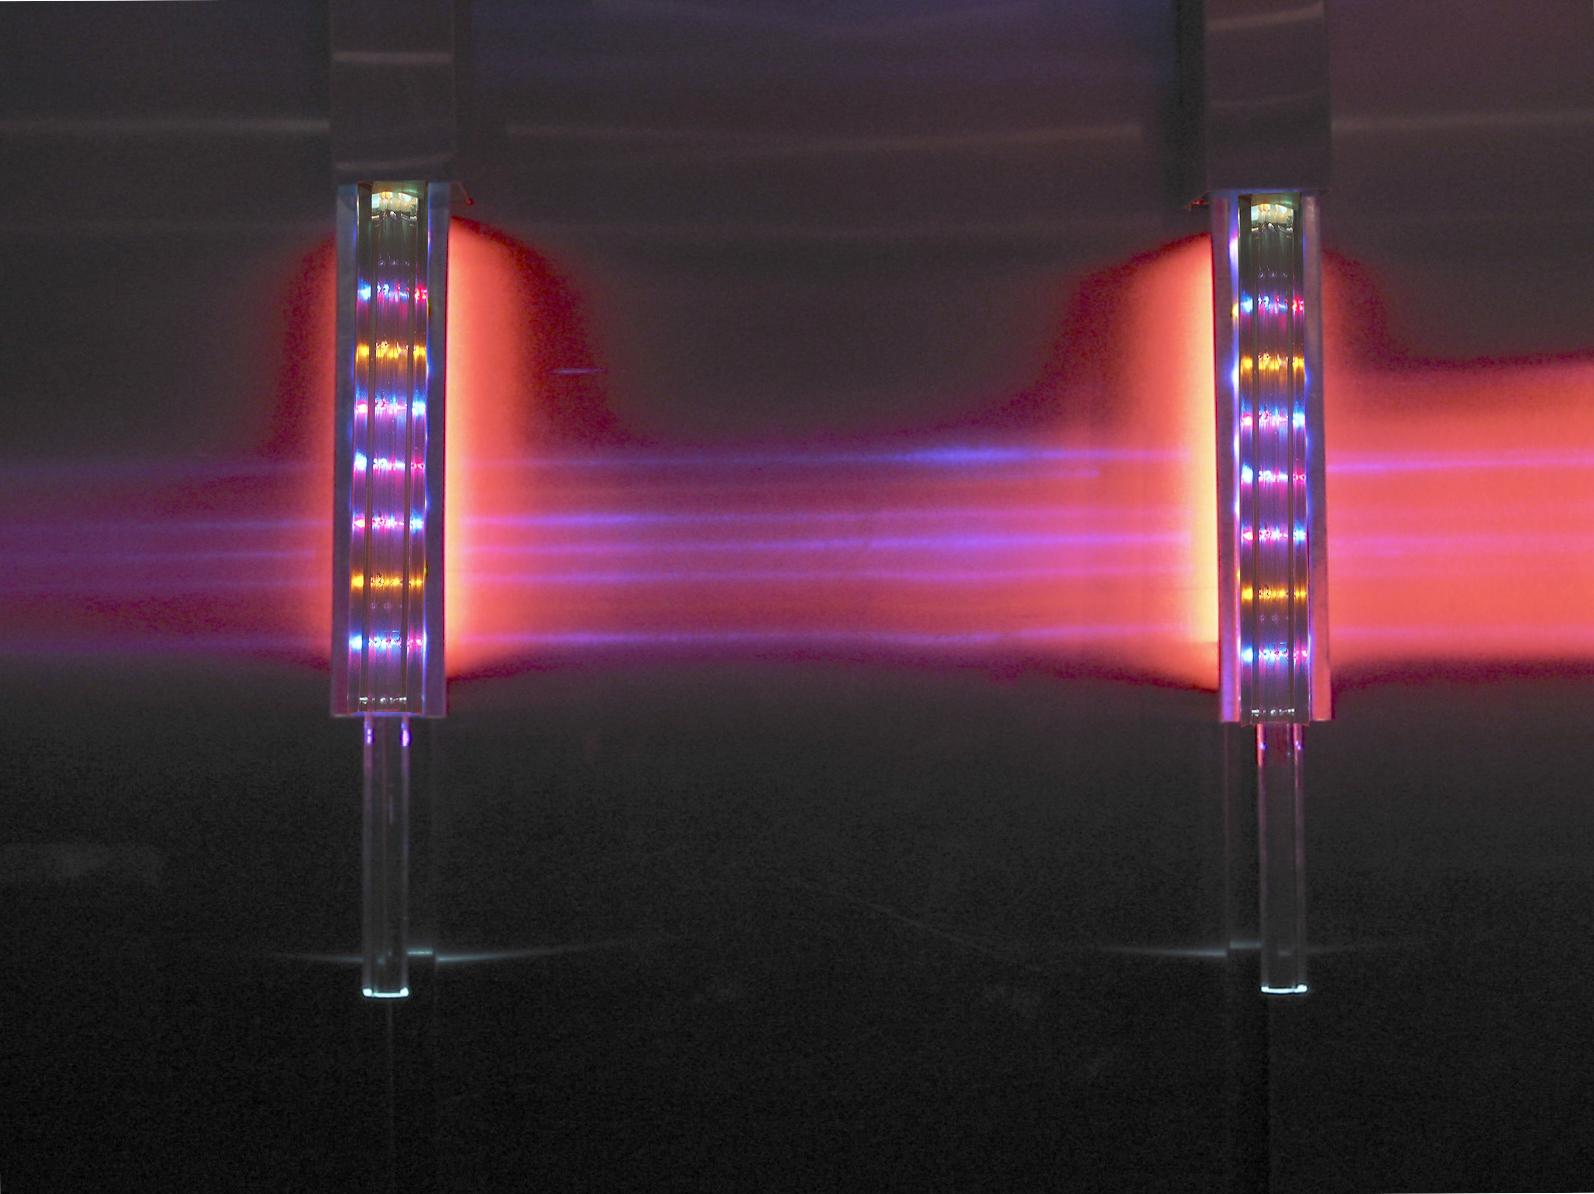 Salmanson_LuminousLayers_Elevator_Dumbo_2004_Red.jpg